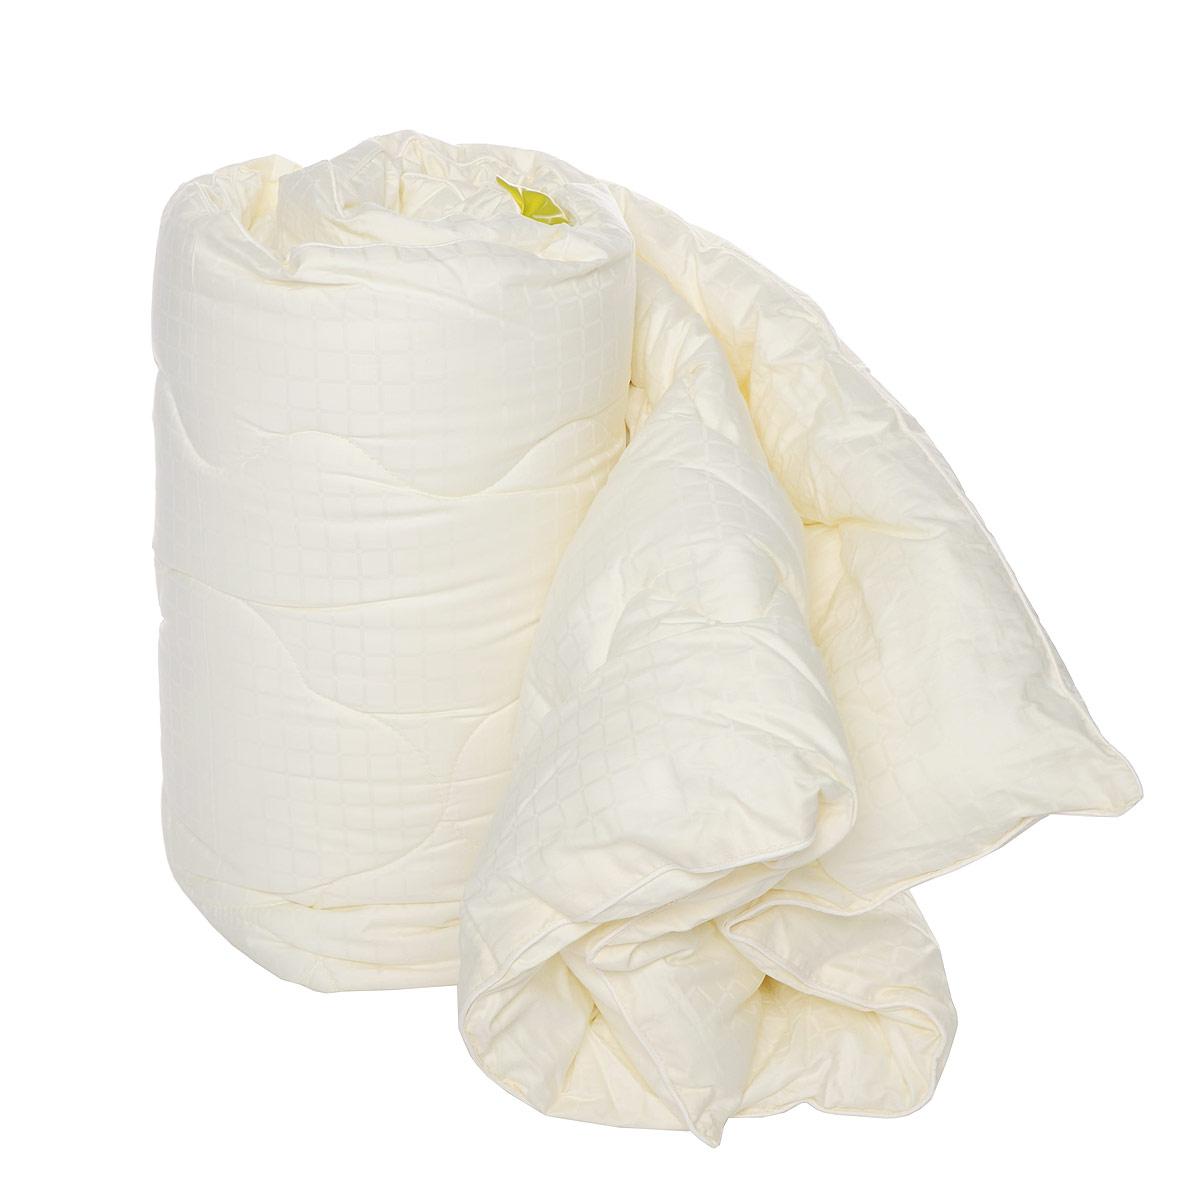 Одеяло SL, наполнитель: искусственный лебяжий пух, цвет: кремовый, 140 х 205 см20014Одеяло SL подарит вам незабываемое чувство комфорта и умиротворения. Чехол выполнен из сатина кремового цвета, украшен фигурной стежкой и принтом в виде квадратов. Внутри - наполнитель из искусственного лебяжьего пуха. Одеяло с таким наполнителем обладает всеми свойствами натурального пуха. Сверхтонкий наполнитель делает одеяло легким и воздушным, с отличной терморегуляцией, препятствует возникновению бактерий и образованию пылевого клеща. Кроме того, одеяло постоянно поддерживает нужную температуру: оно греет зимой и дает прохладу летом. Одеяло упаковано в прозрачную сумку-чехол на застежке-молнии. Soft Line предлагает широкий ассортимент высококачественного домашнего текстиля разных направлений и стилей. Это и постельное белье из тканей различных фактур и орнаментов, а также мягкие теплые пледы, красивые покрывала, воздушные банные халаты, текстиль для гостиниц и домов отдыха, практичные наматрасники, изысканные шторы, полотенца и разнообразное столовое...